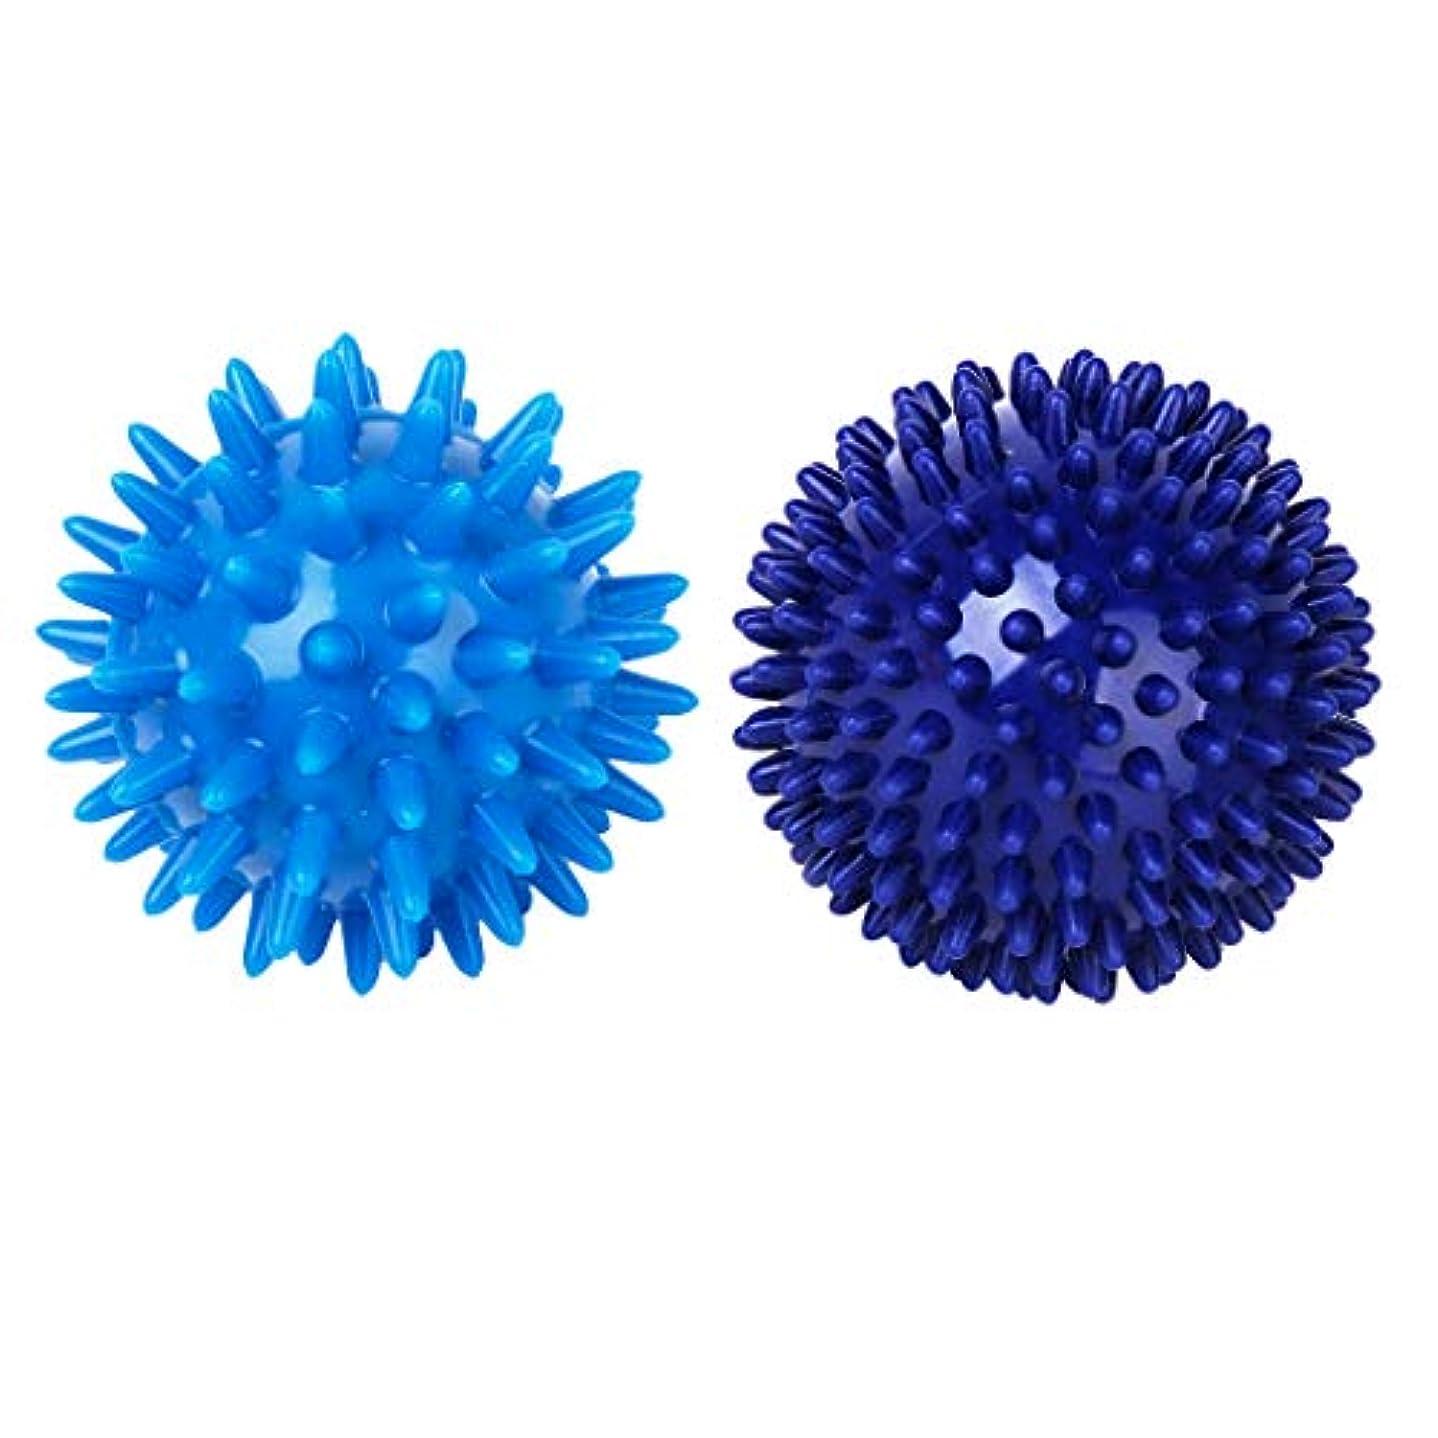 受け皿クラッチ洗うCUTICATE マッサージボール ハンドパーム トリガーポイント 腕、首、背中、腰、お尻 筋肉緊張和らげ 2個入